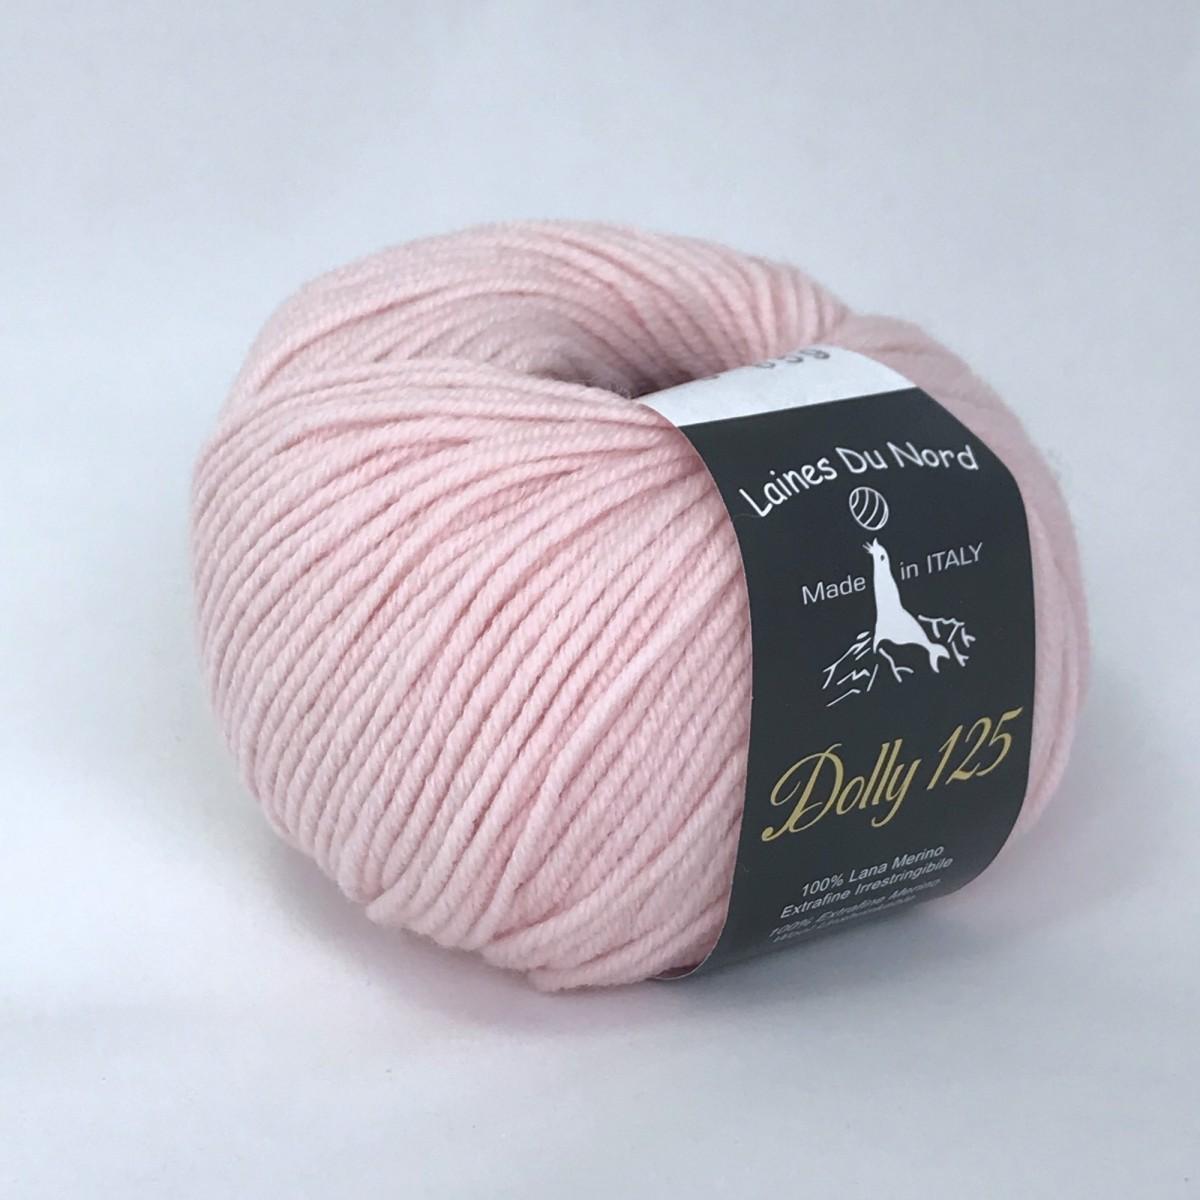 Пряжа Долли 125 (Dolly 125)